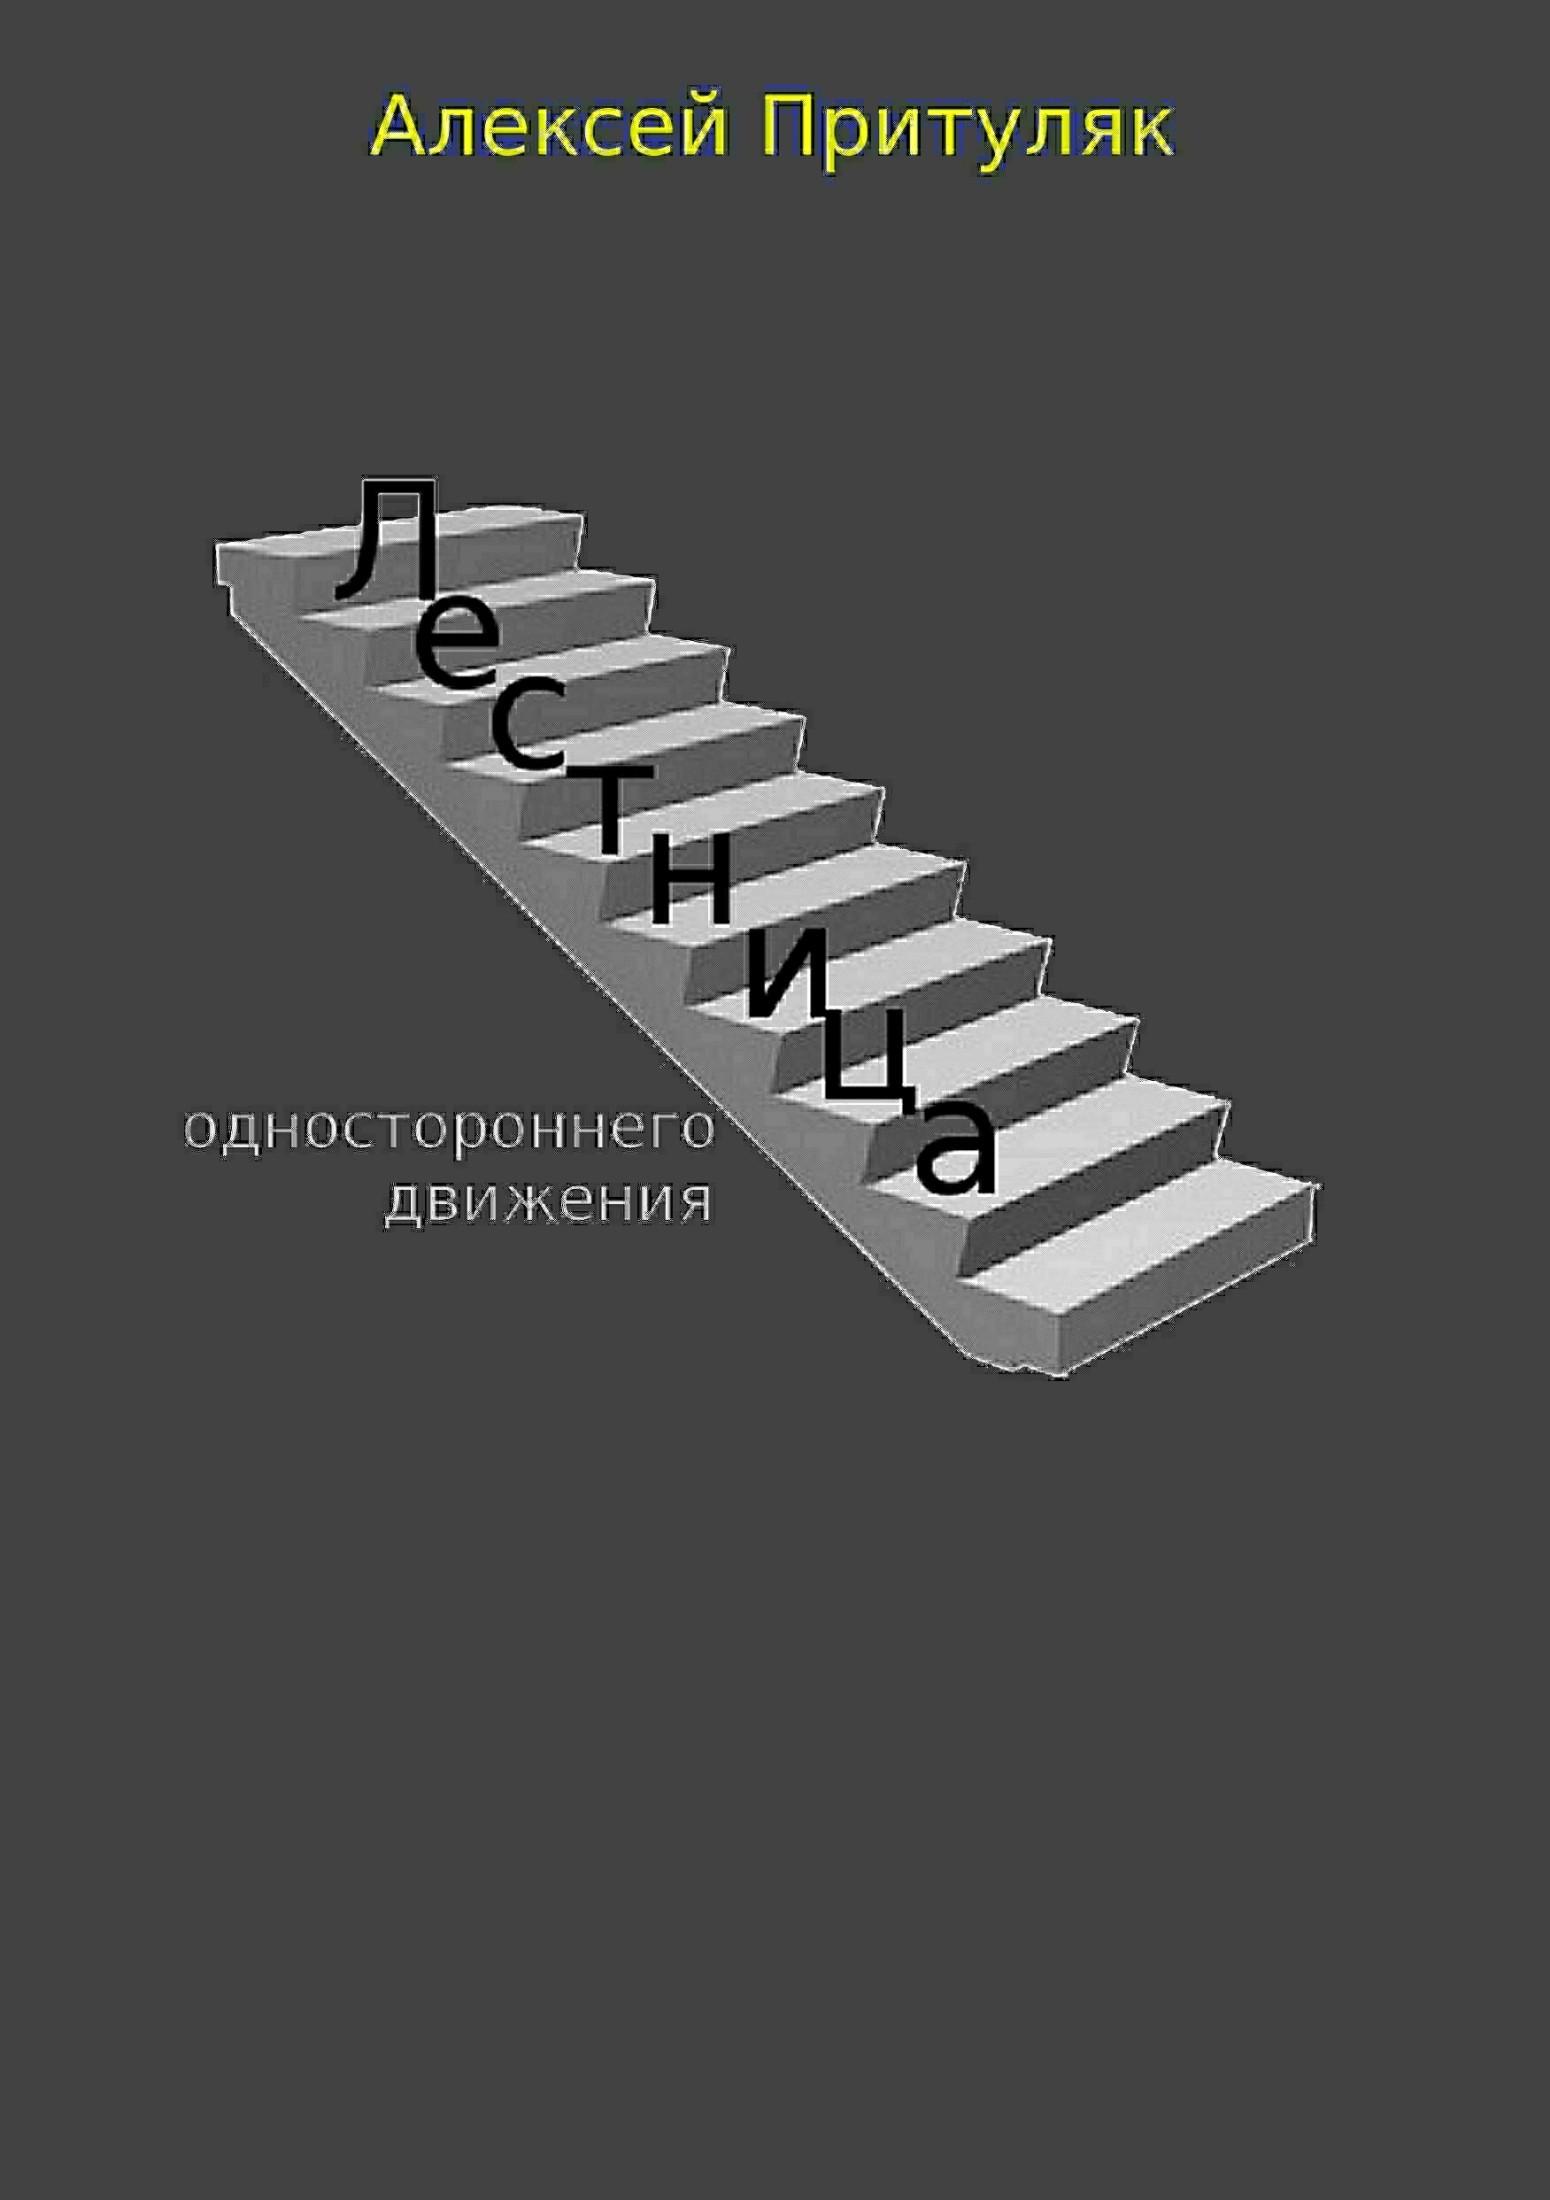 Алексей Притуляк. Лестница. Сборник рассказов